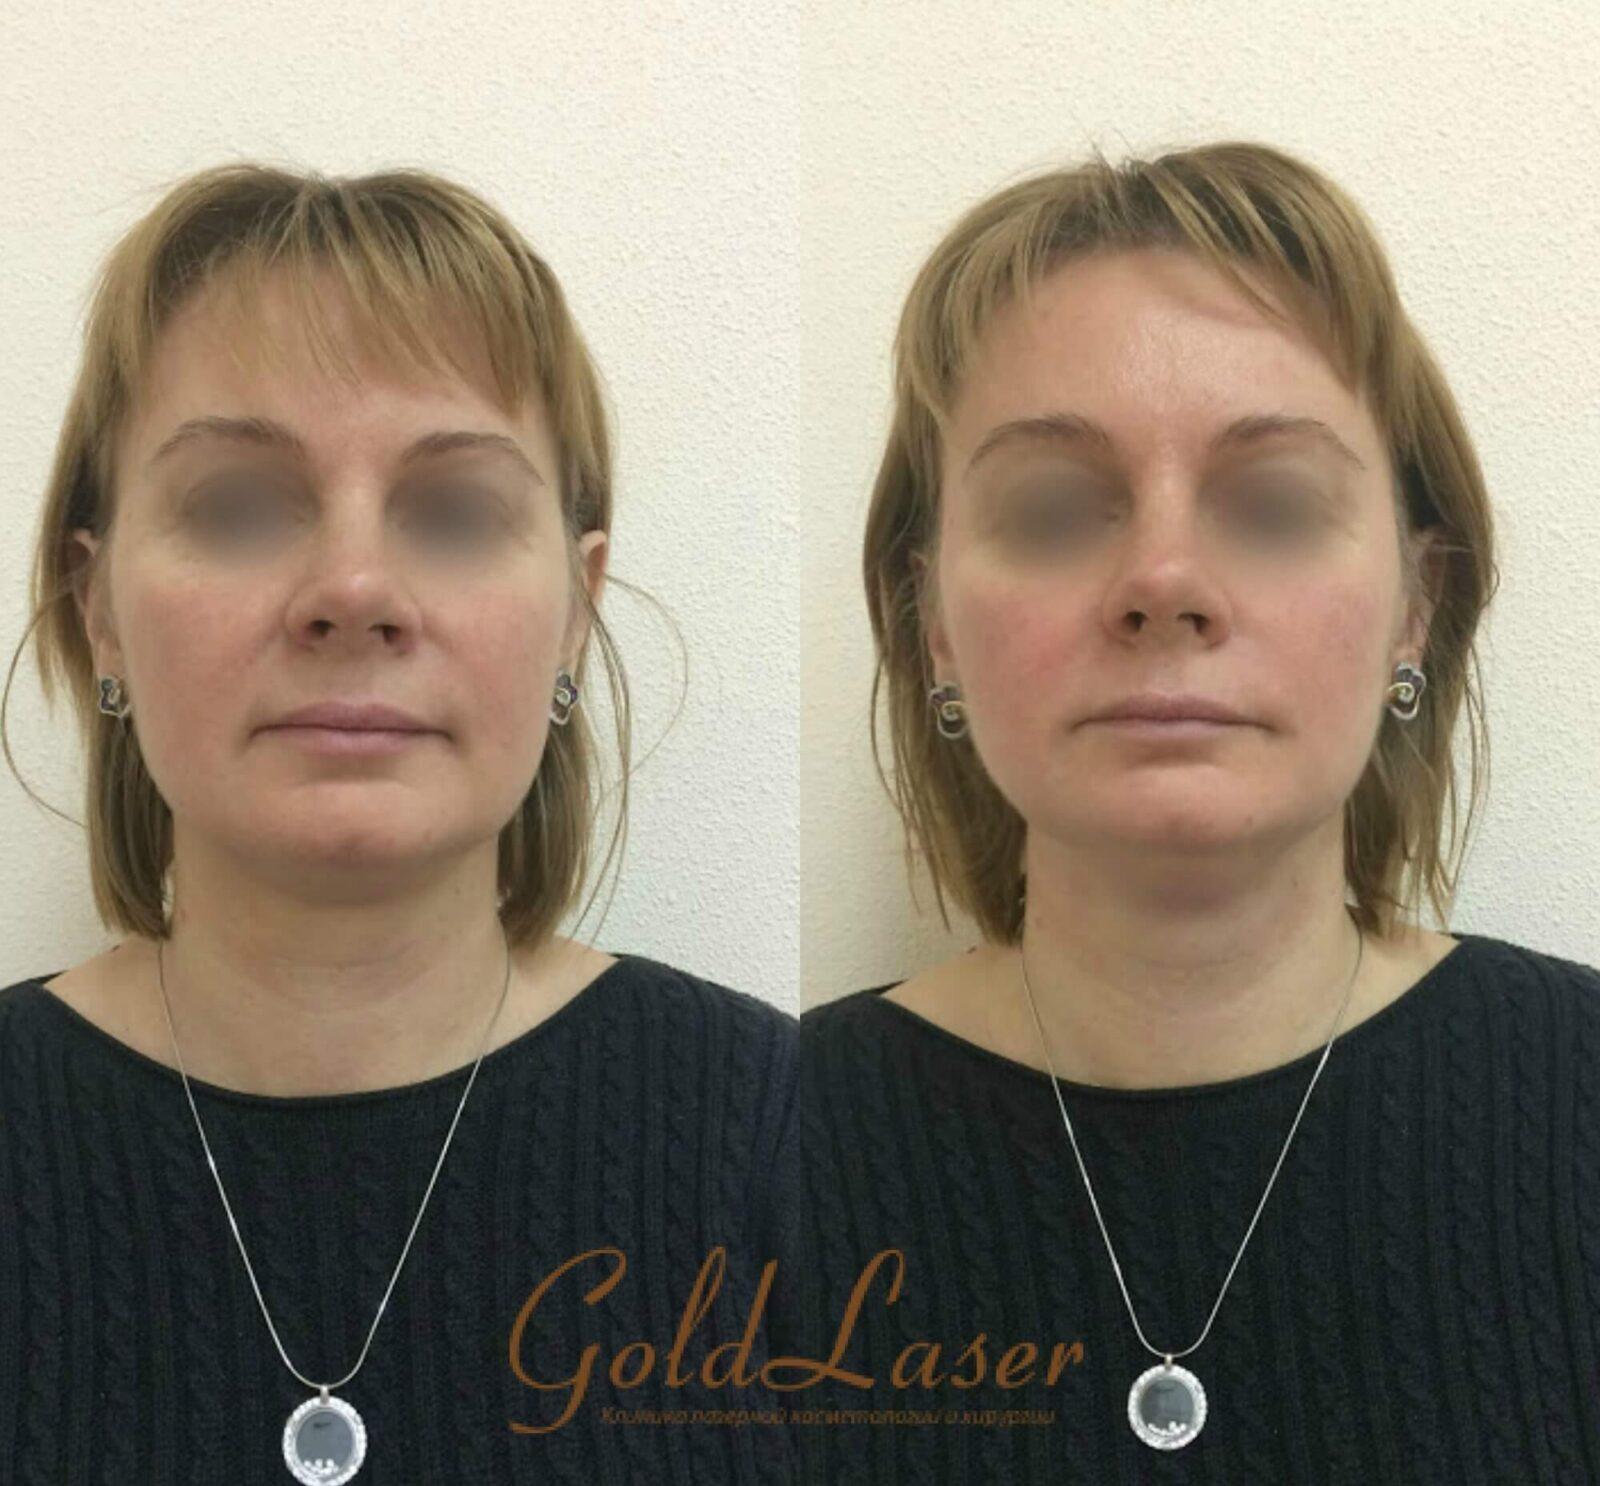 Фото до и после SMAS лифтинга в Gold Laser